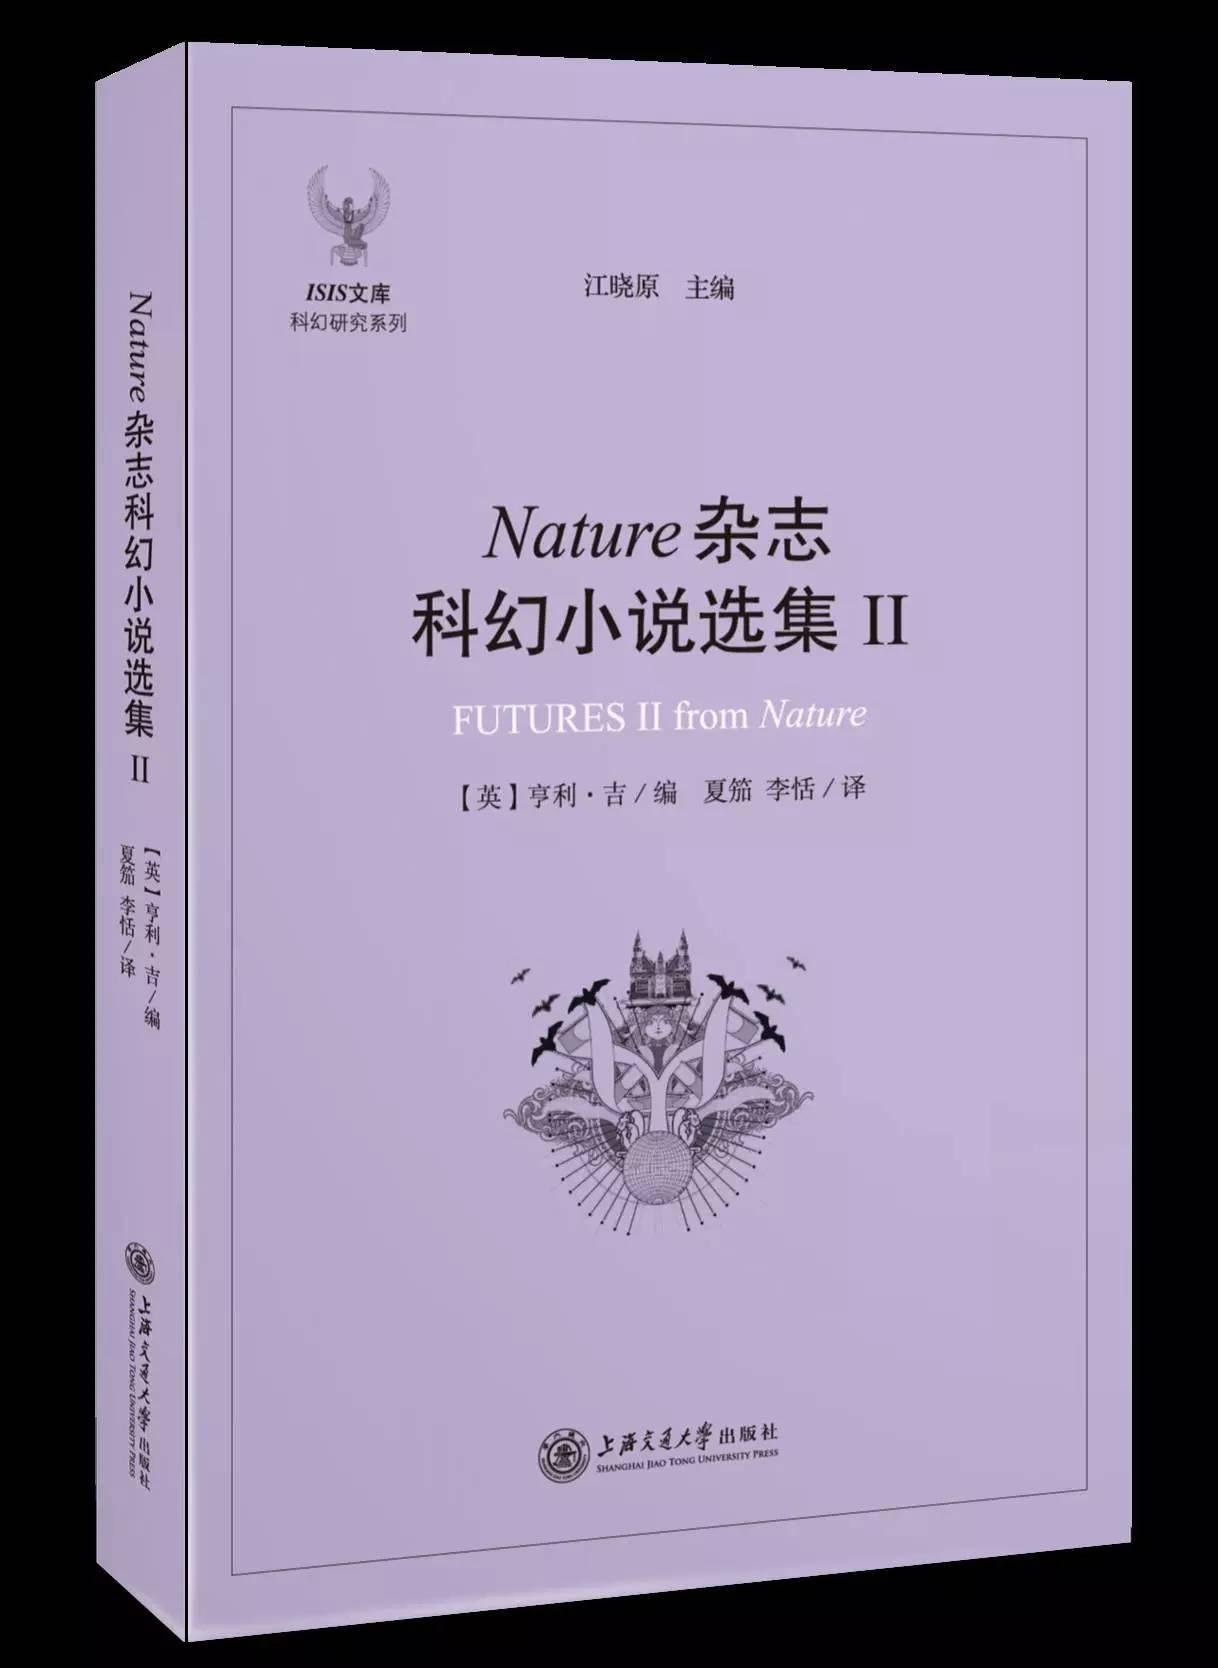 晴天闪电 | Nature杂志科幻小说